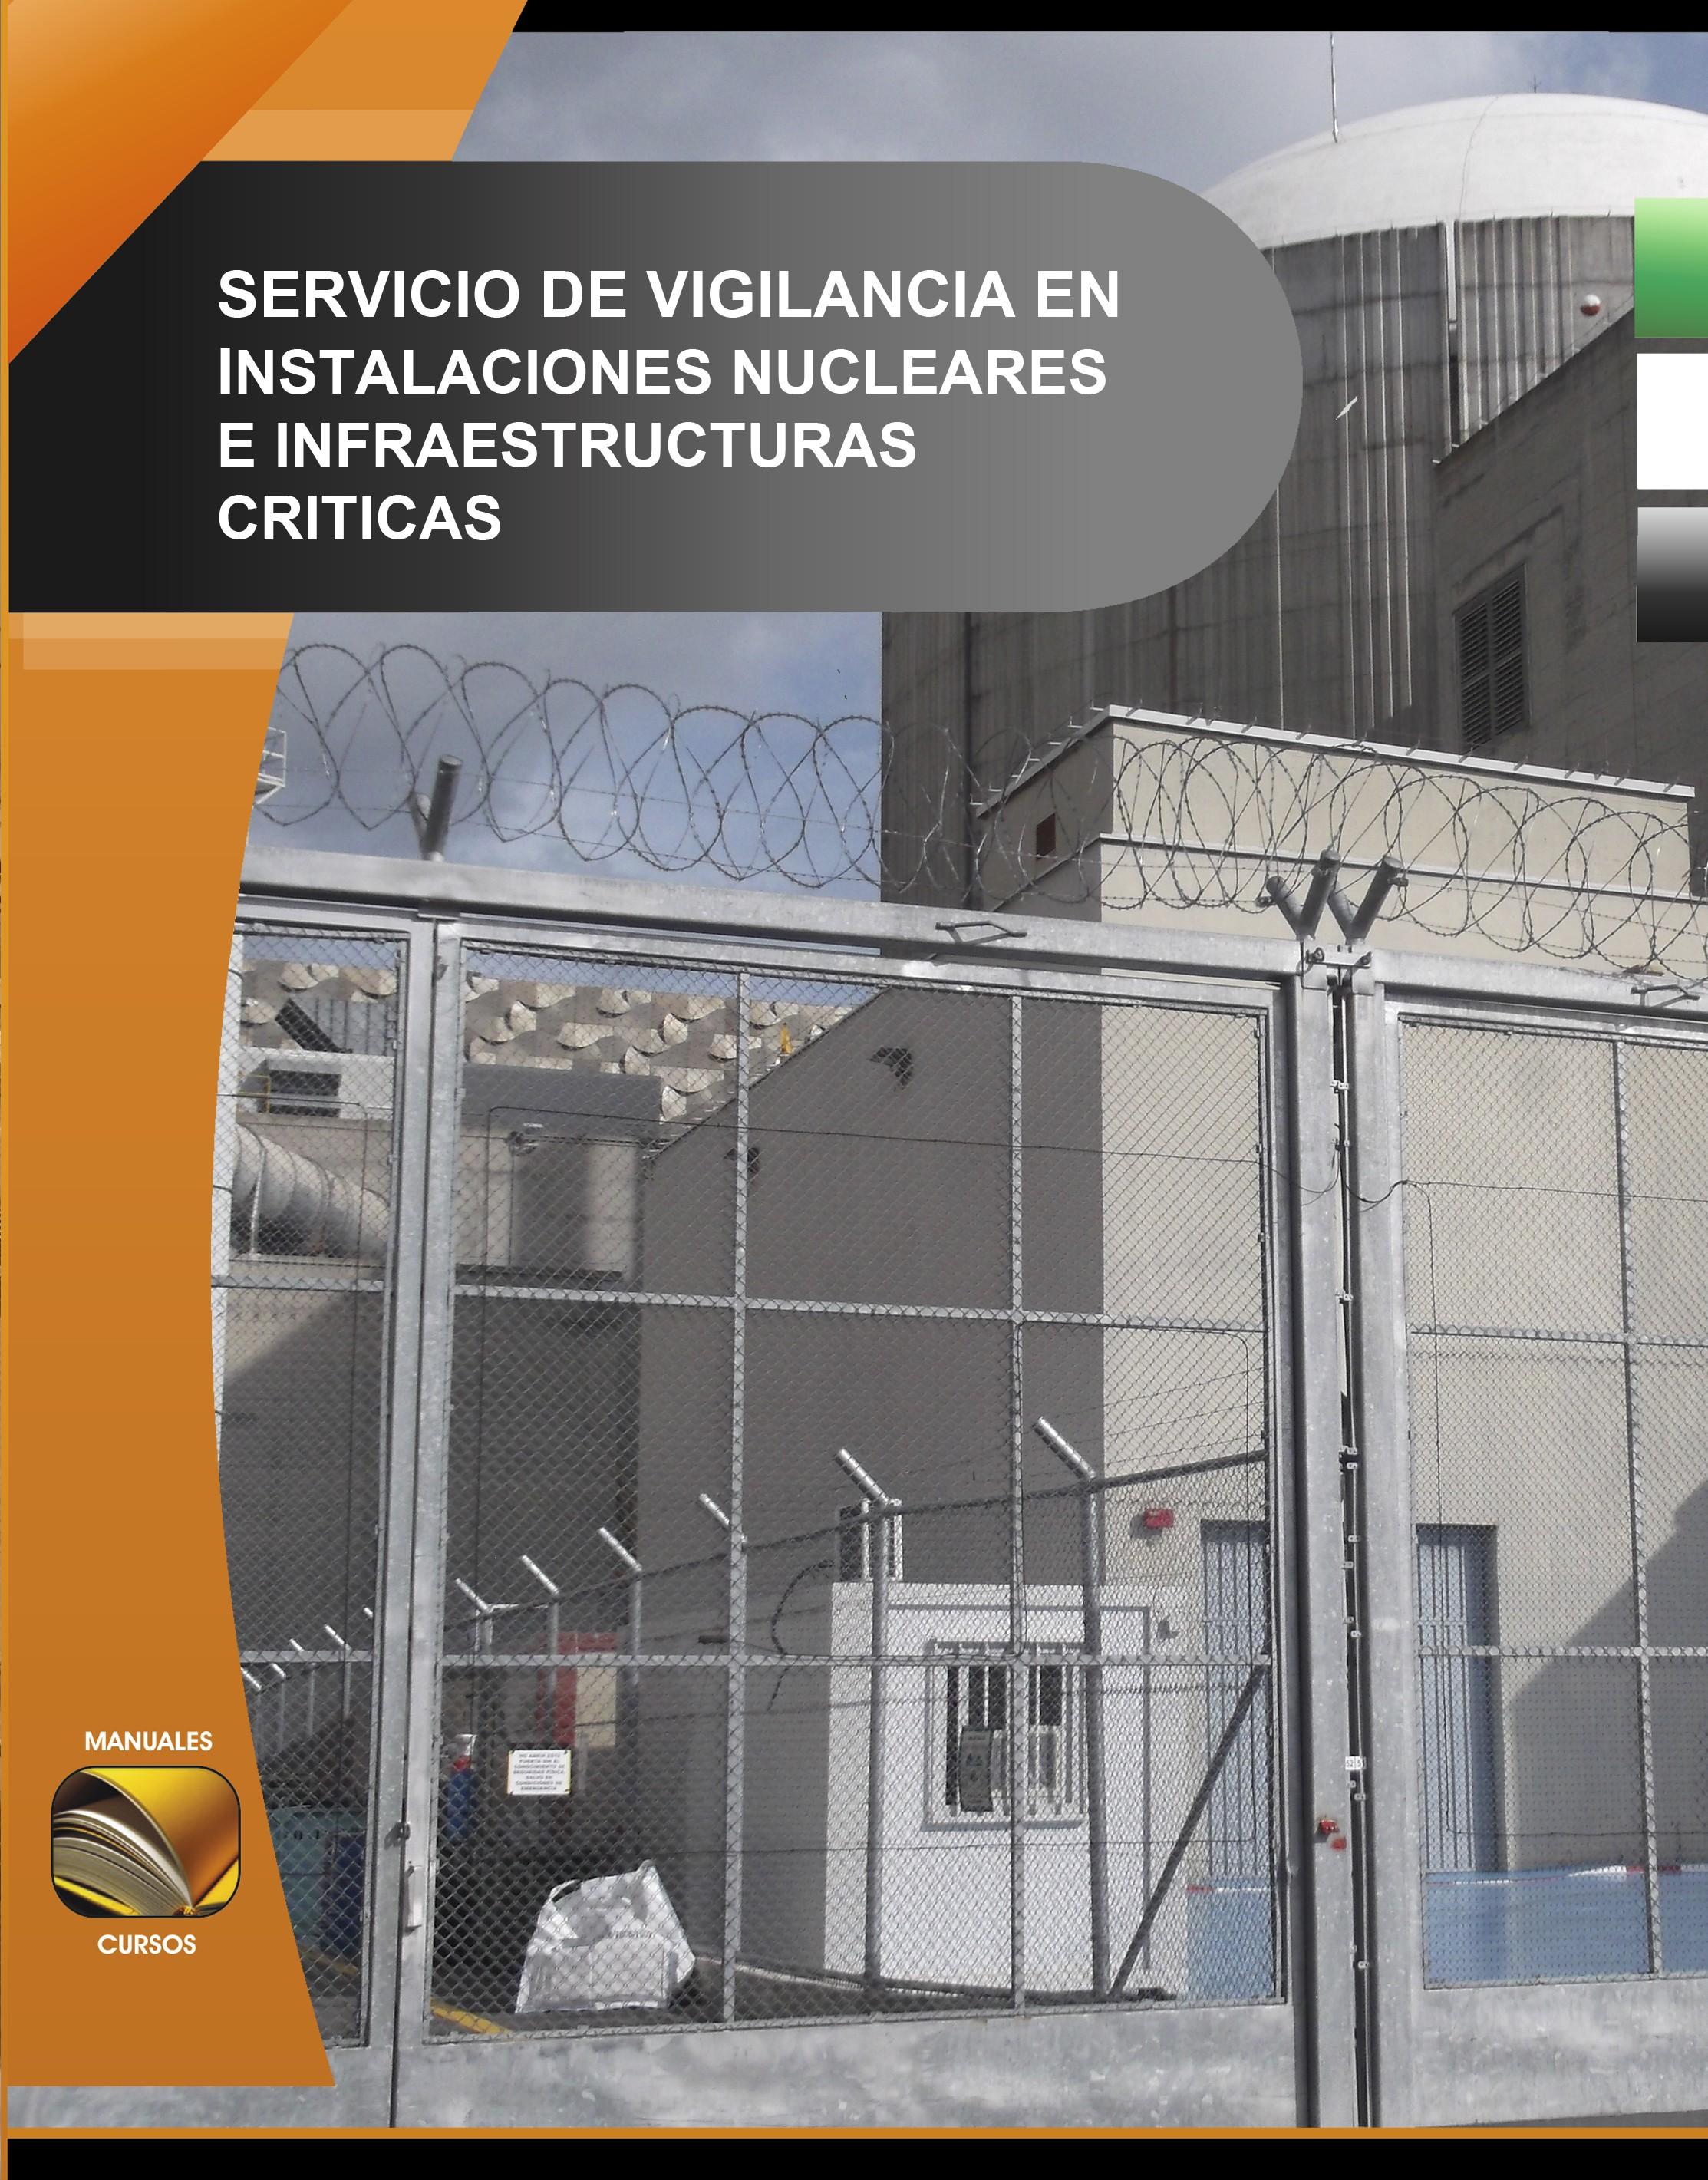 016. Servicio Vigilancia en Instalaciones Nucleares e Infraestructuras Críticas